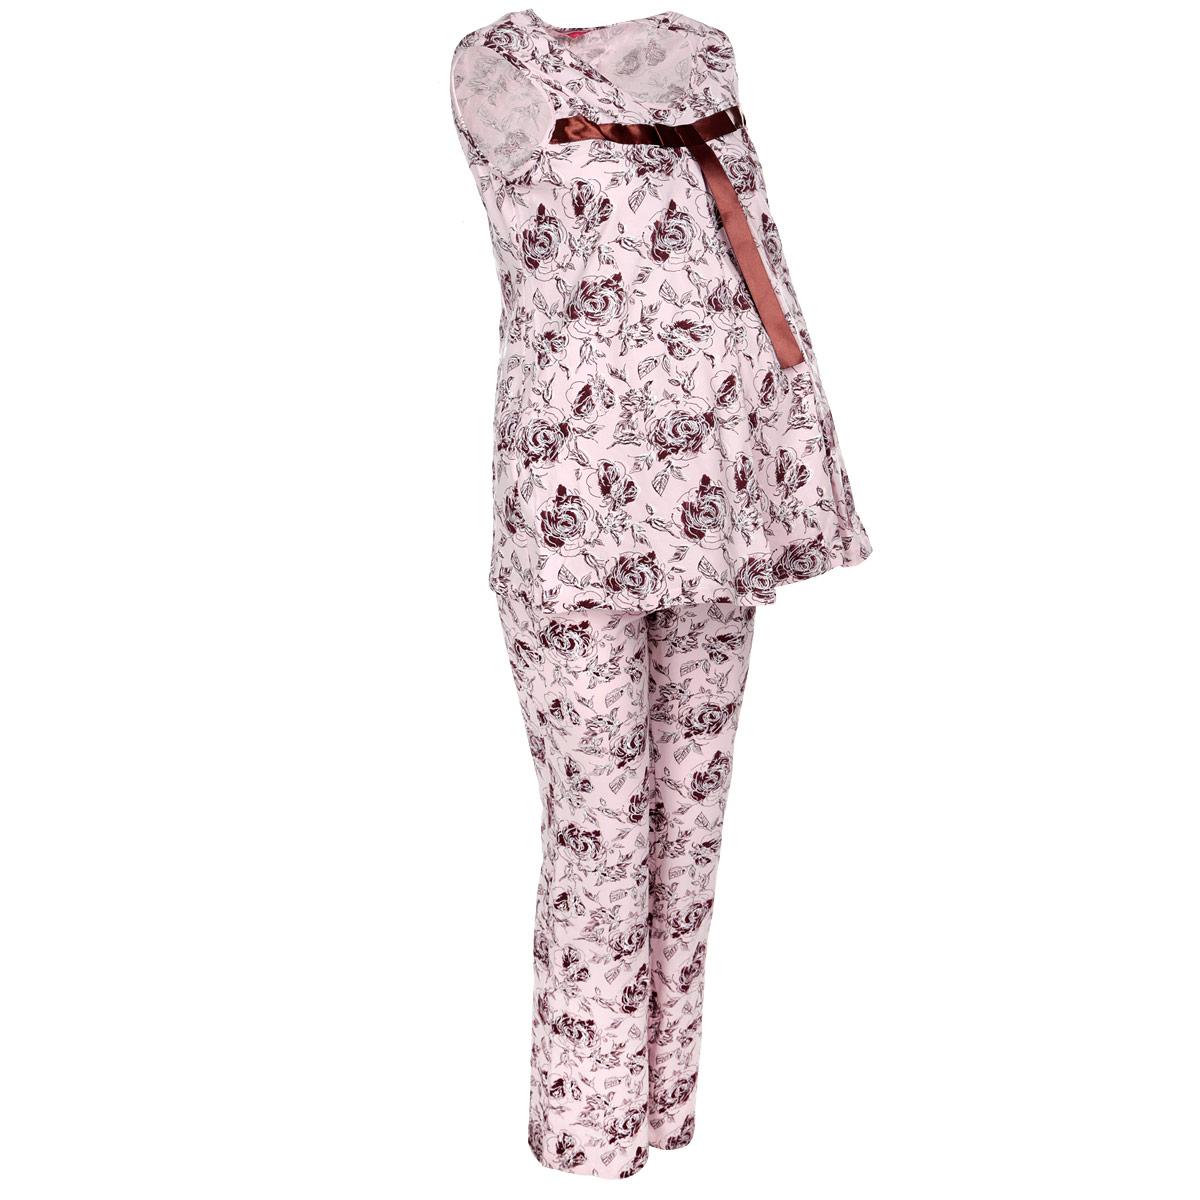 307.1Удобная пижама для беременных и кормящих мам Nuova Vita Mamma Bella, изготовленная из натурального хлопка с небольшим содержанием лайкры, состоит из майки и брюк. Майка свободного кроя и прямые брюки на эластичном поясе под живот составляют прекрасный комплект для сна будущей маме. Универсальность этого комплекта заключается в том, что его можно носить как во время беременности, так и после рождения ребенка. Специальный секрет для кормления совершенно незаметен, а резинка на брюках устроена так, что во время беременности она находится под животом. Романтичная цветочная расцветка и атласная лента над грудью придают этой пижаме особый шарм и нежность. Одежда, изготовленная из хлопка, приятна к телу, сохраняет тепло в холодное время года и дарит прохладу в теплое, позволяет коже дышать.